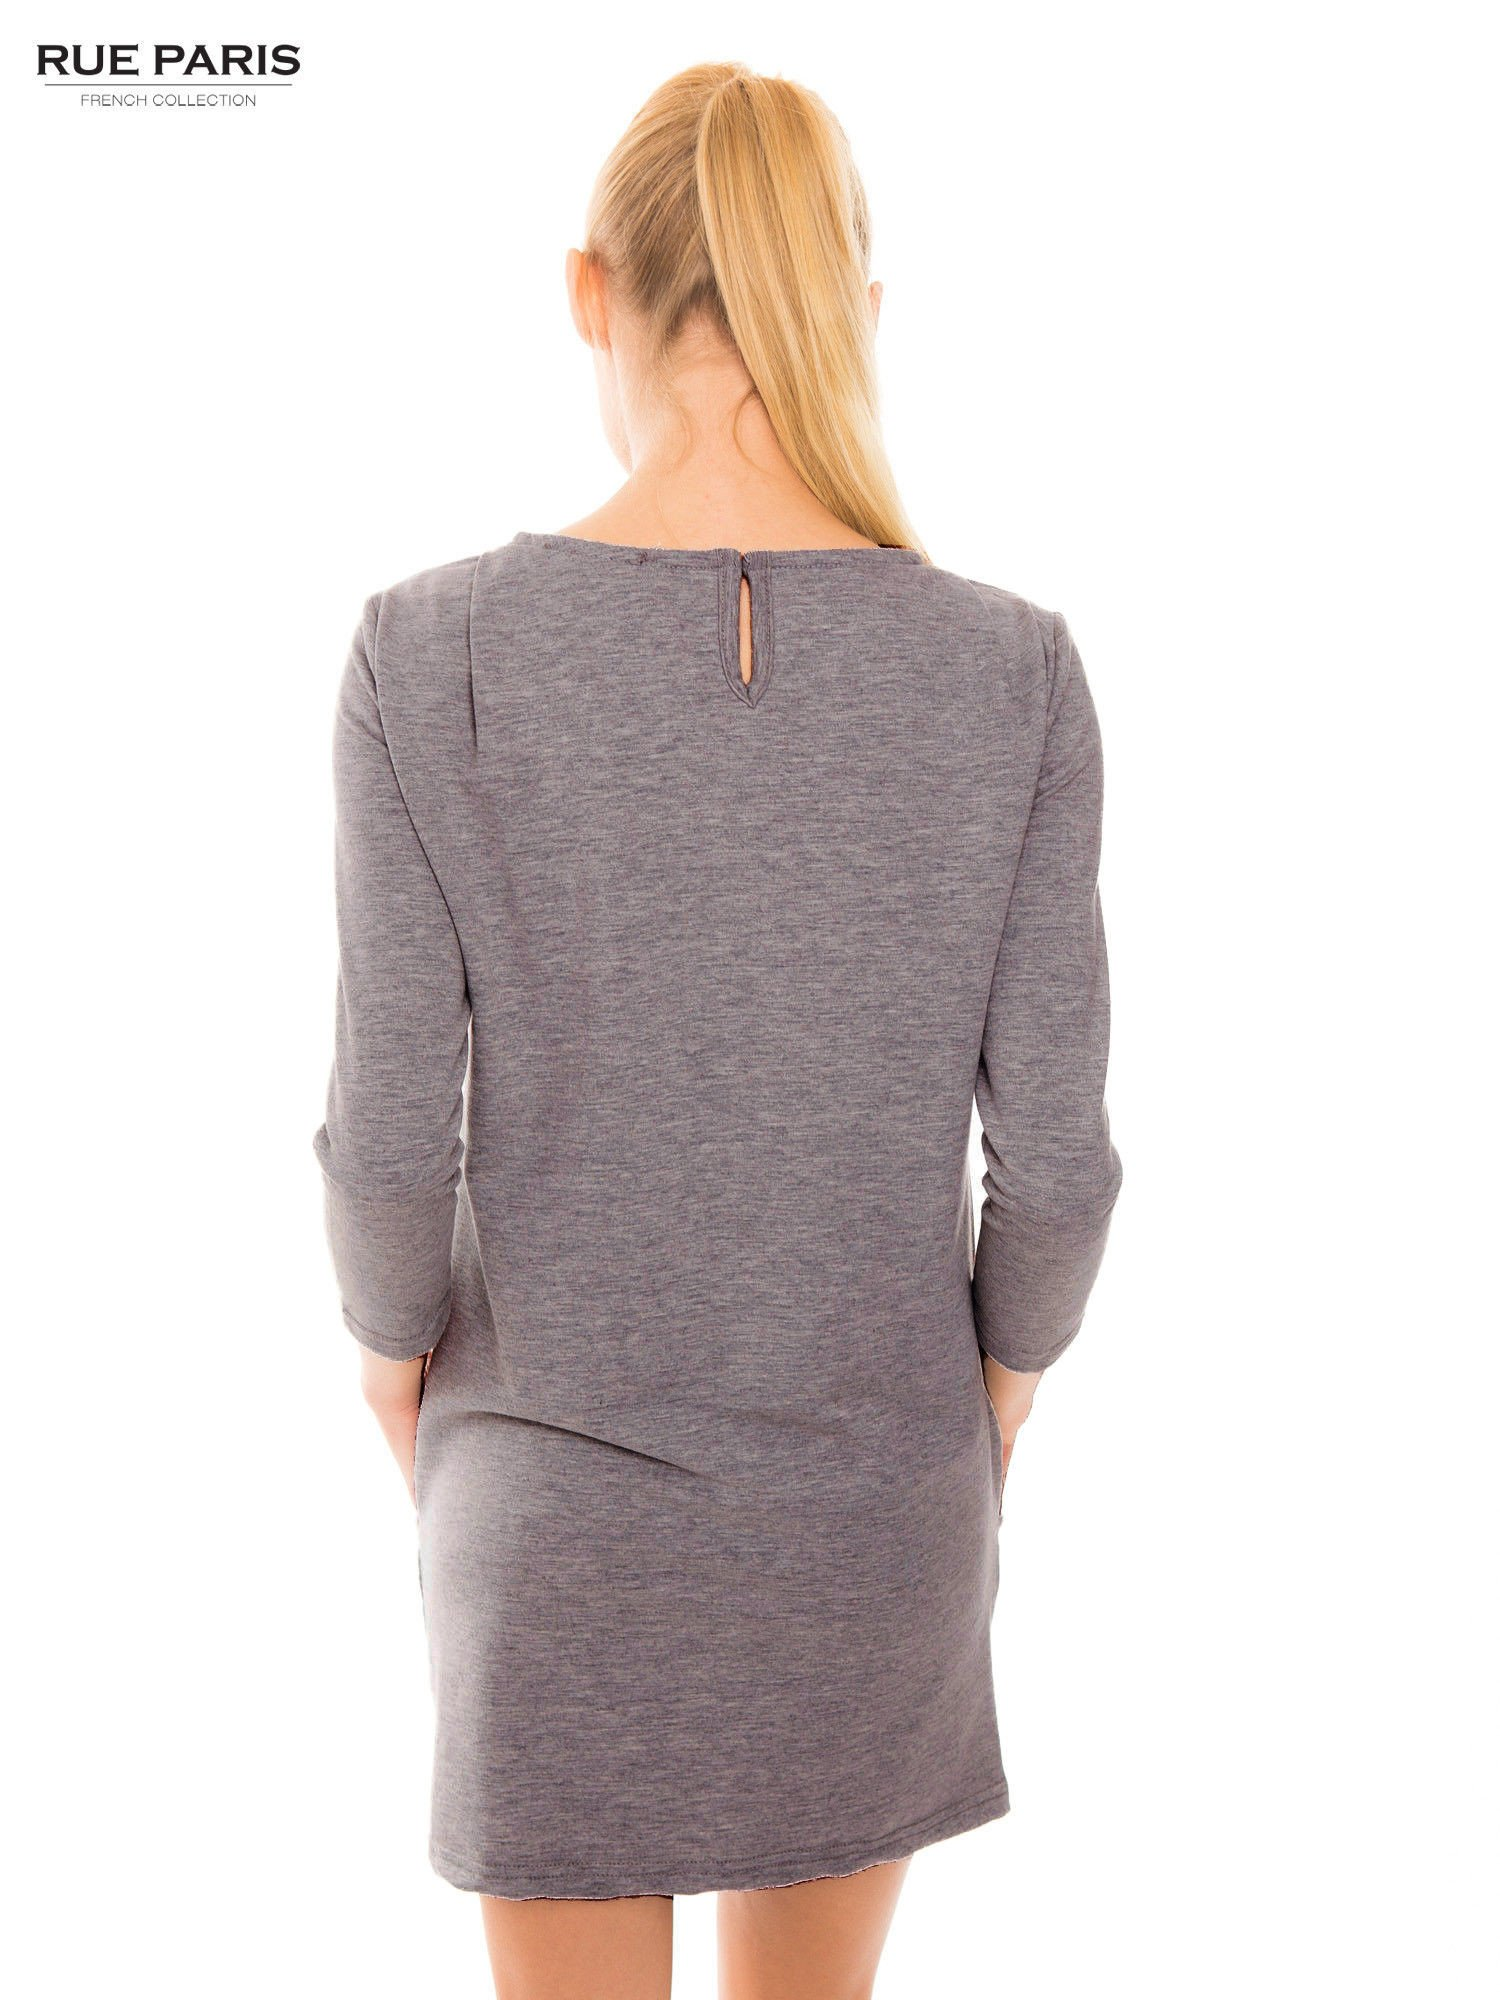 Szara sukienka z kieszeniami z dresowej dzianiny                                  zdj.                                  3